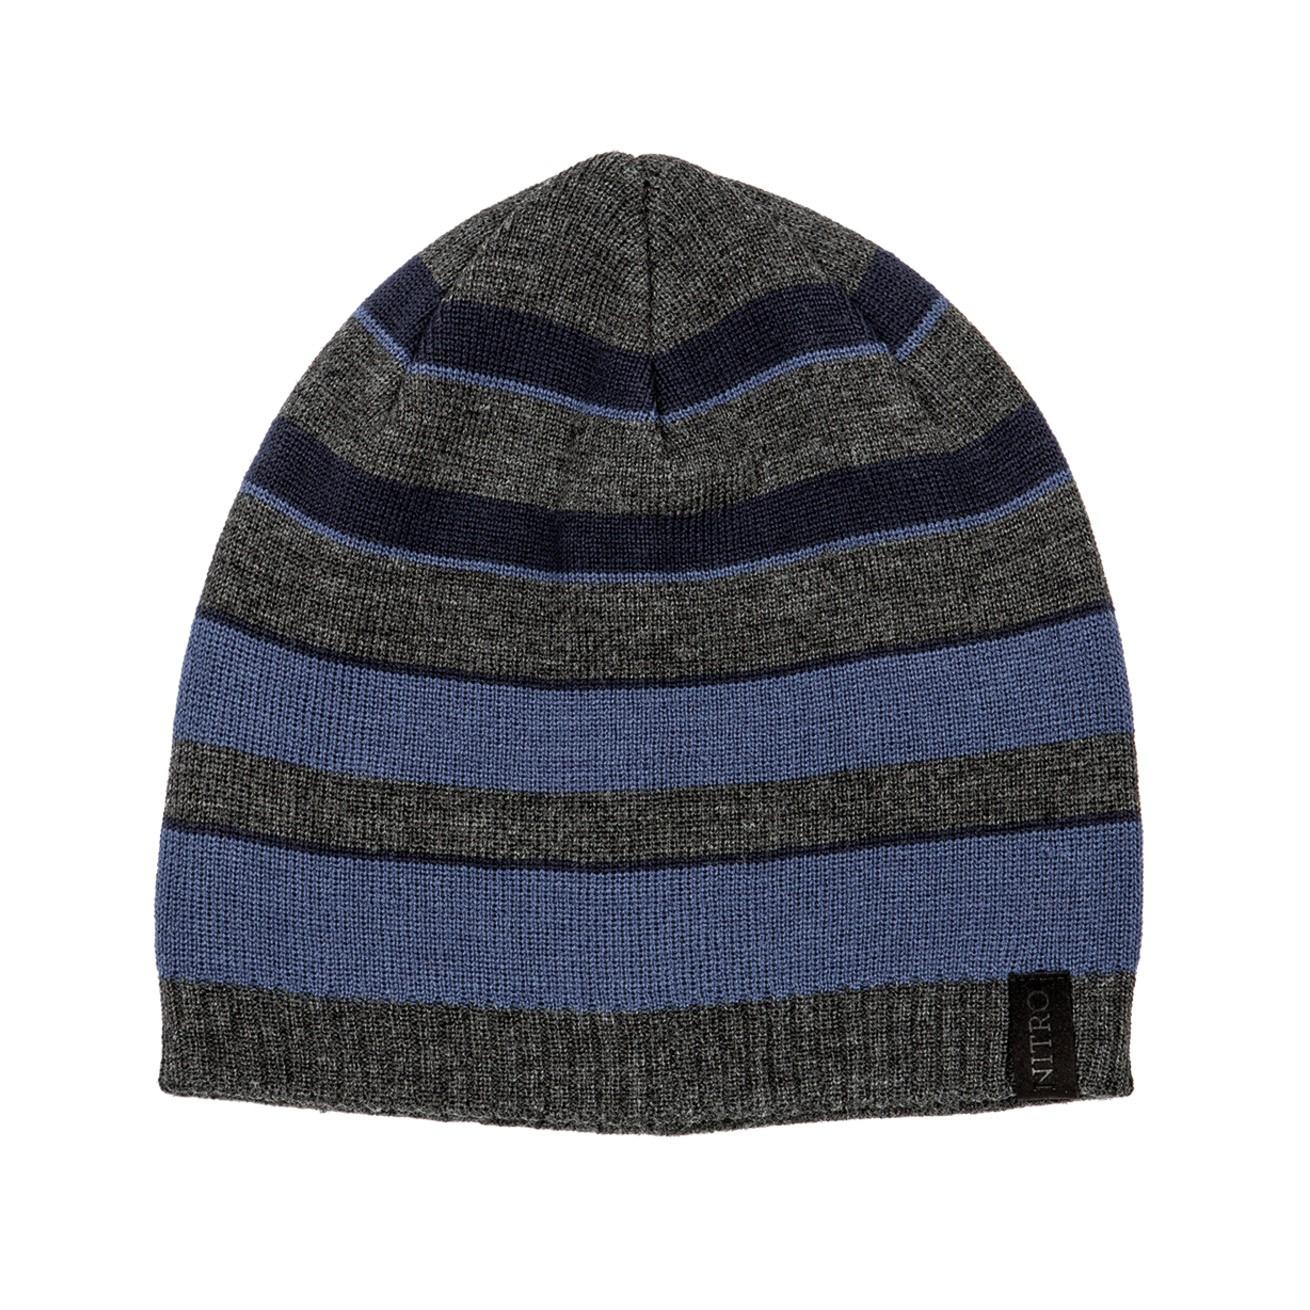 Zimní čepice Nitro Stripes heather smoke/navy